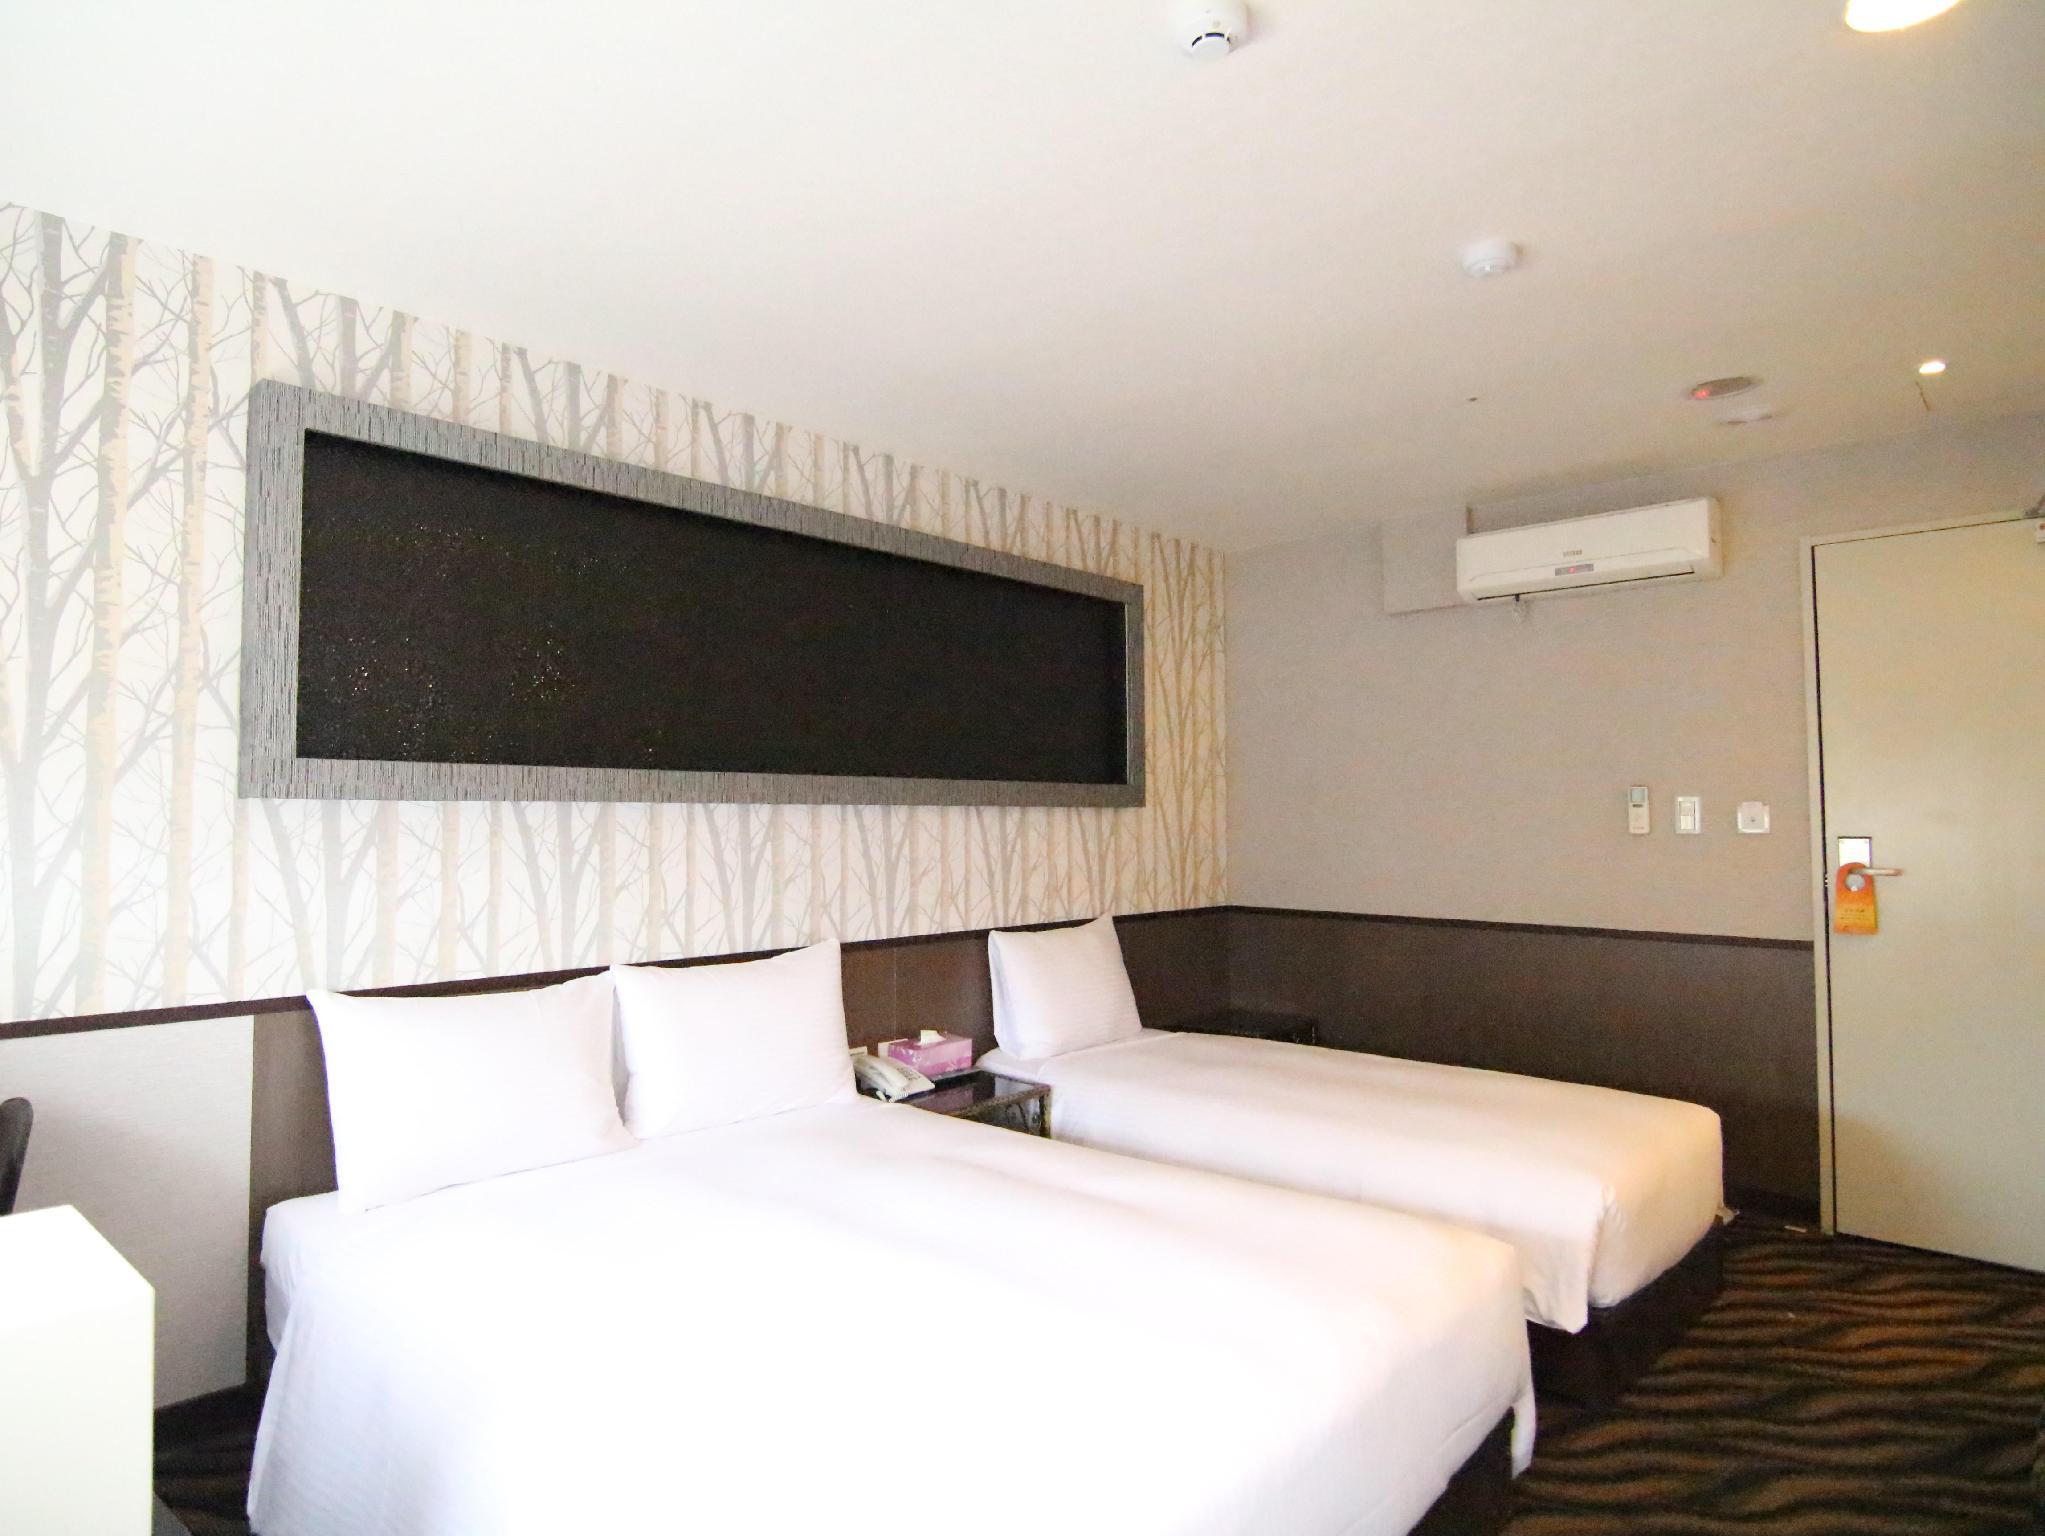 臺北市高絲旅時尚旅館 - 西寧館 (Go Sleep Hotel Xining) - Agoda 提供行程前一刻網上即時優惠價格訂房服務